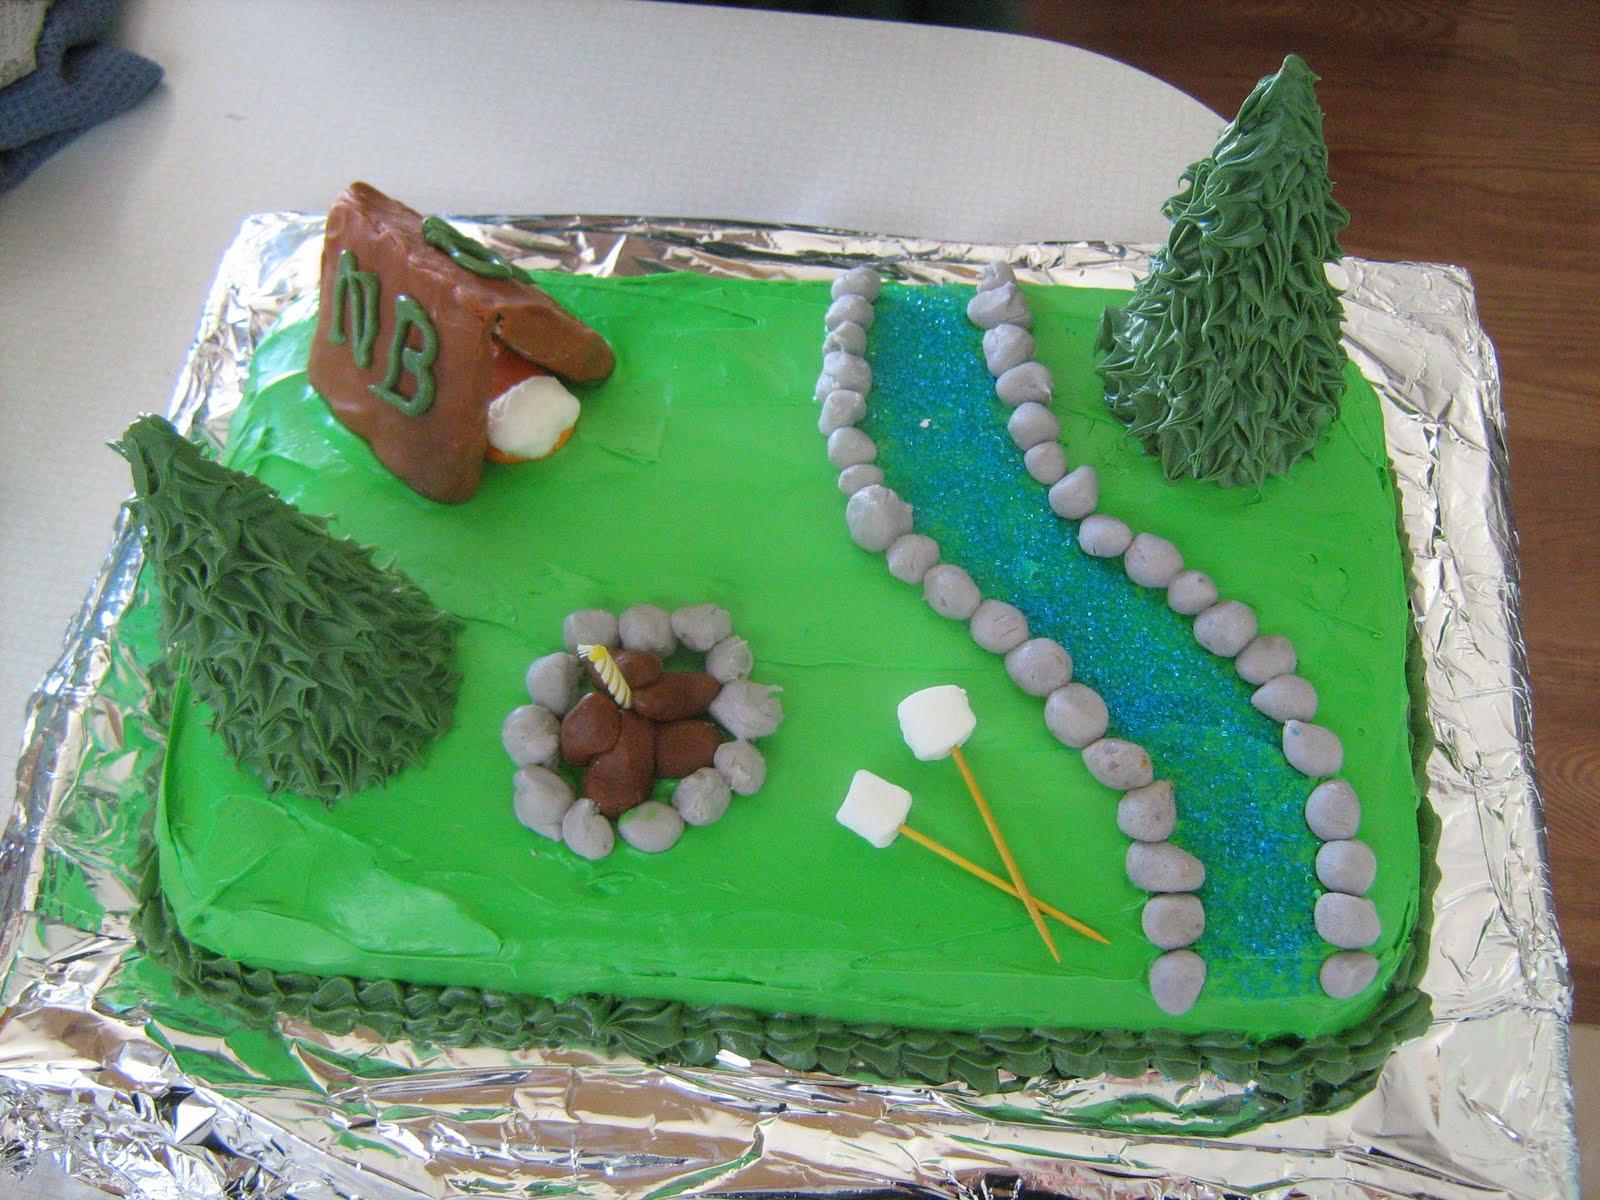 Marble Run Birthday Cake